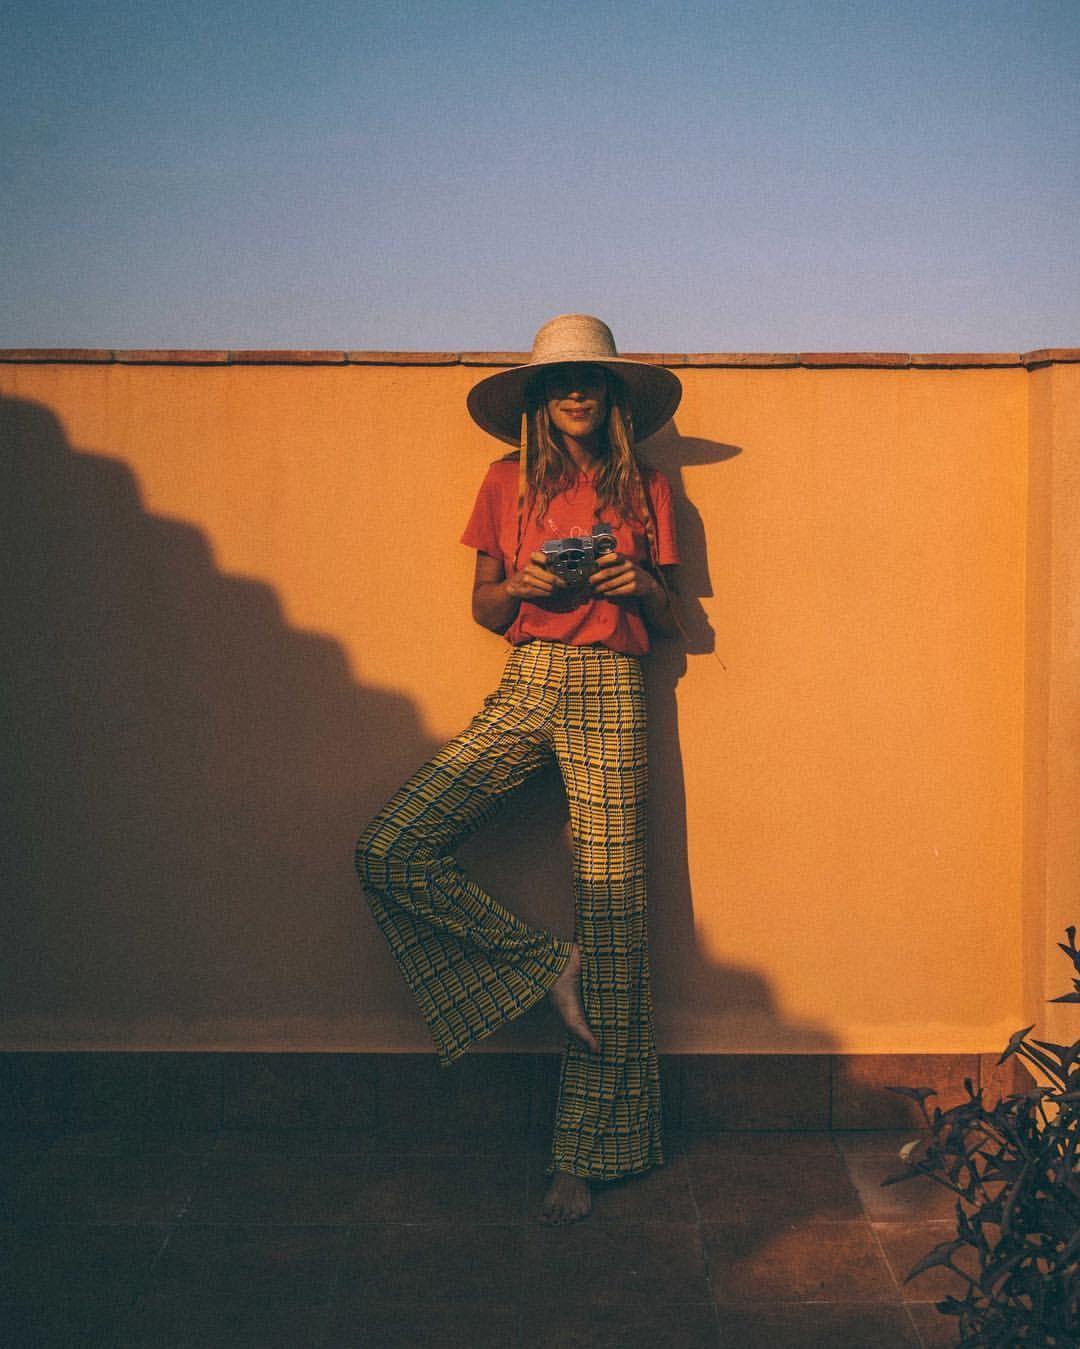 961accdb44 Nuria Val (@frecklesnur) | Photography in 2019 | Fashion, Fashion ...